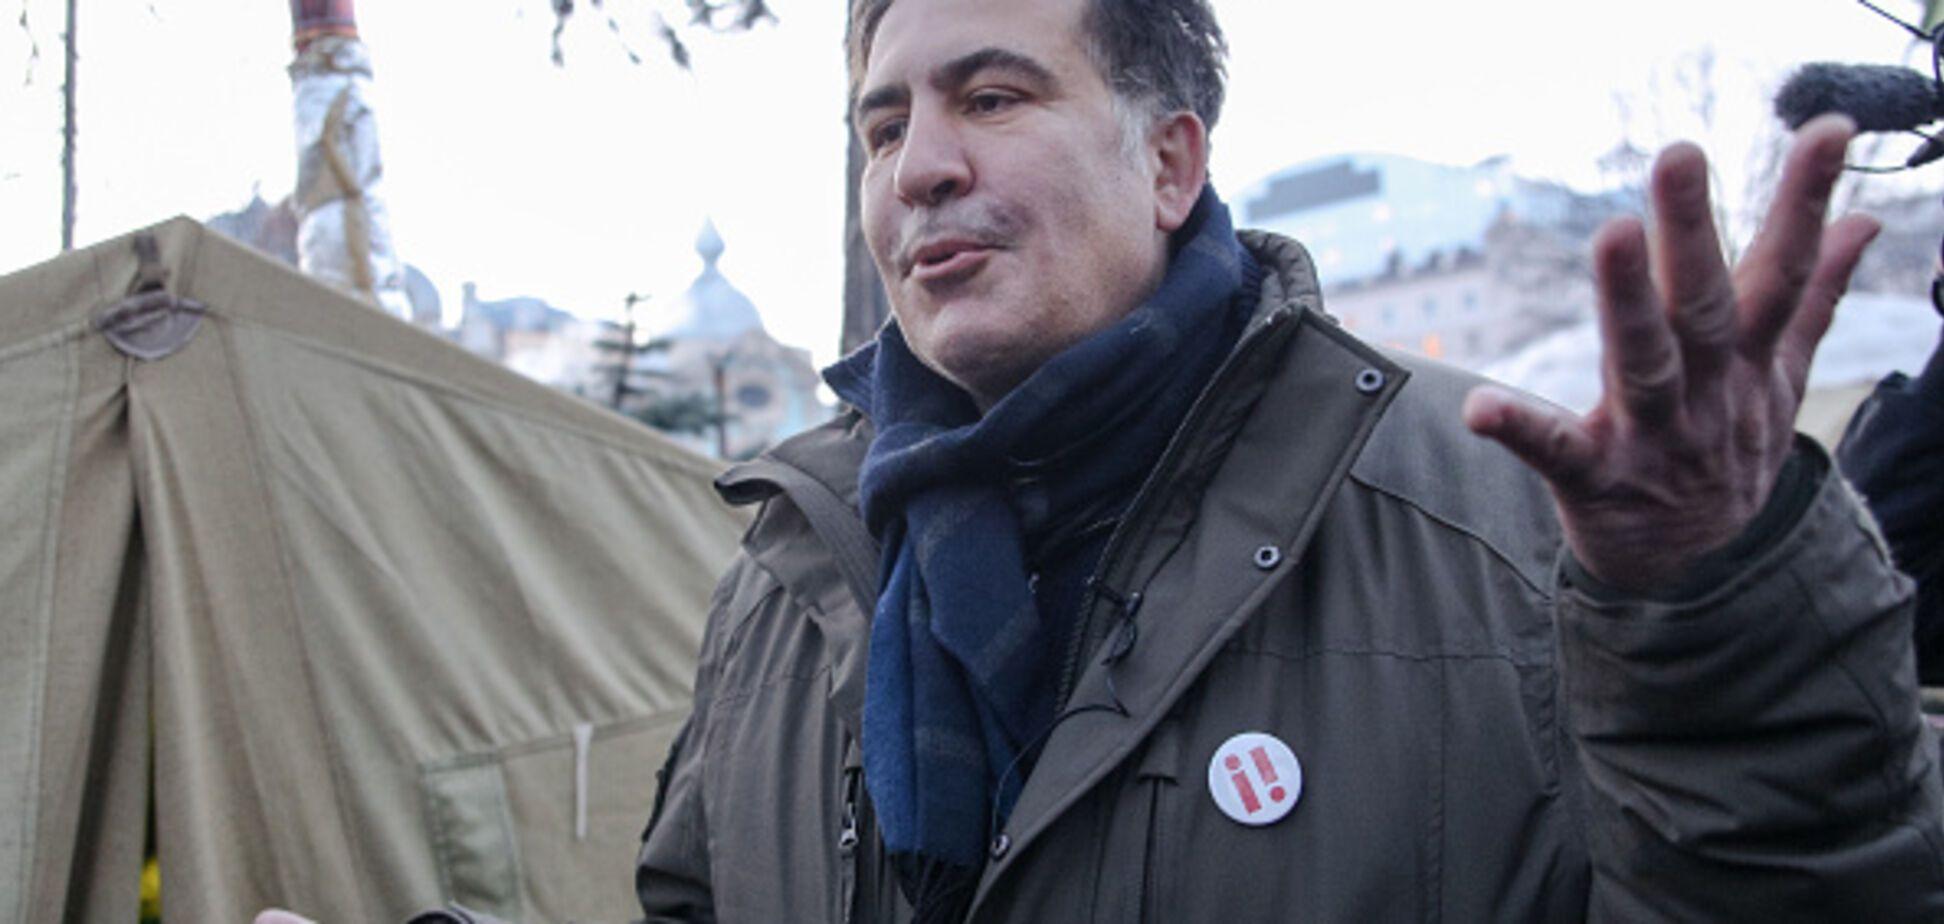 Поговорив і втік: Саакашвілі відмовився давати свідчення ГПУ